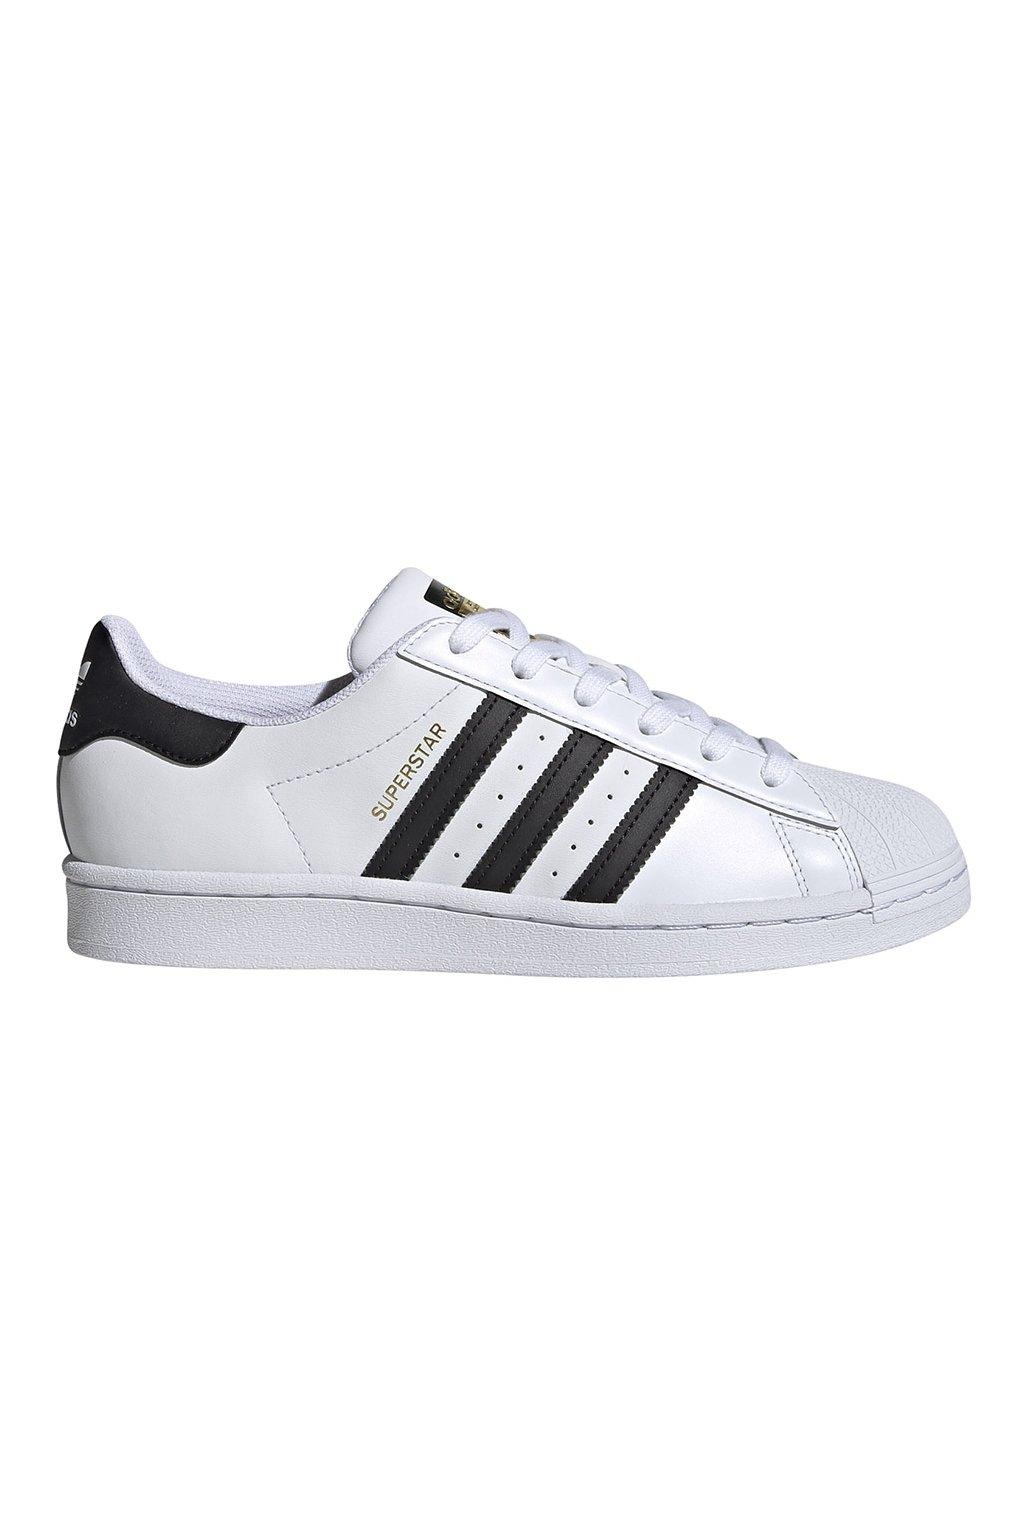 Dámska obuv Adidas Superstar W biele FV3284